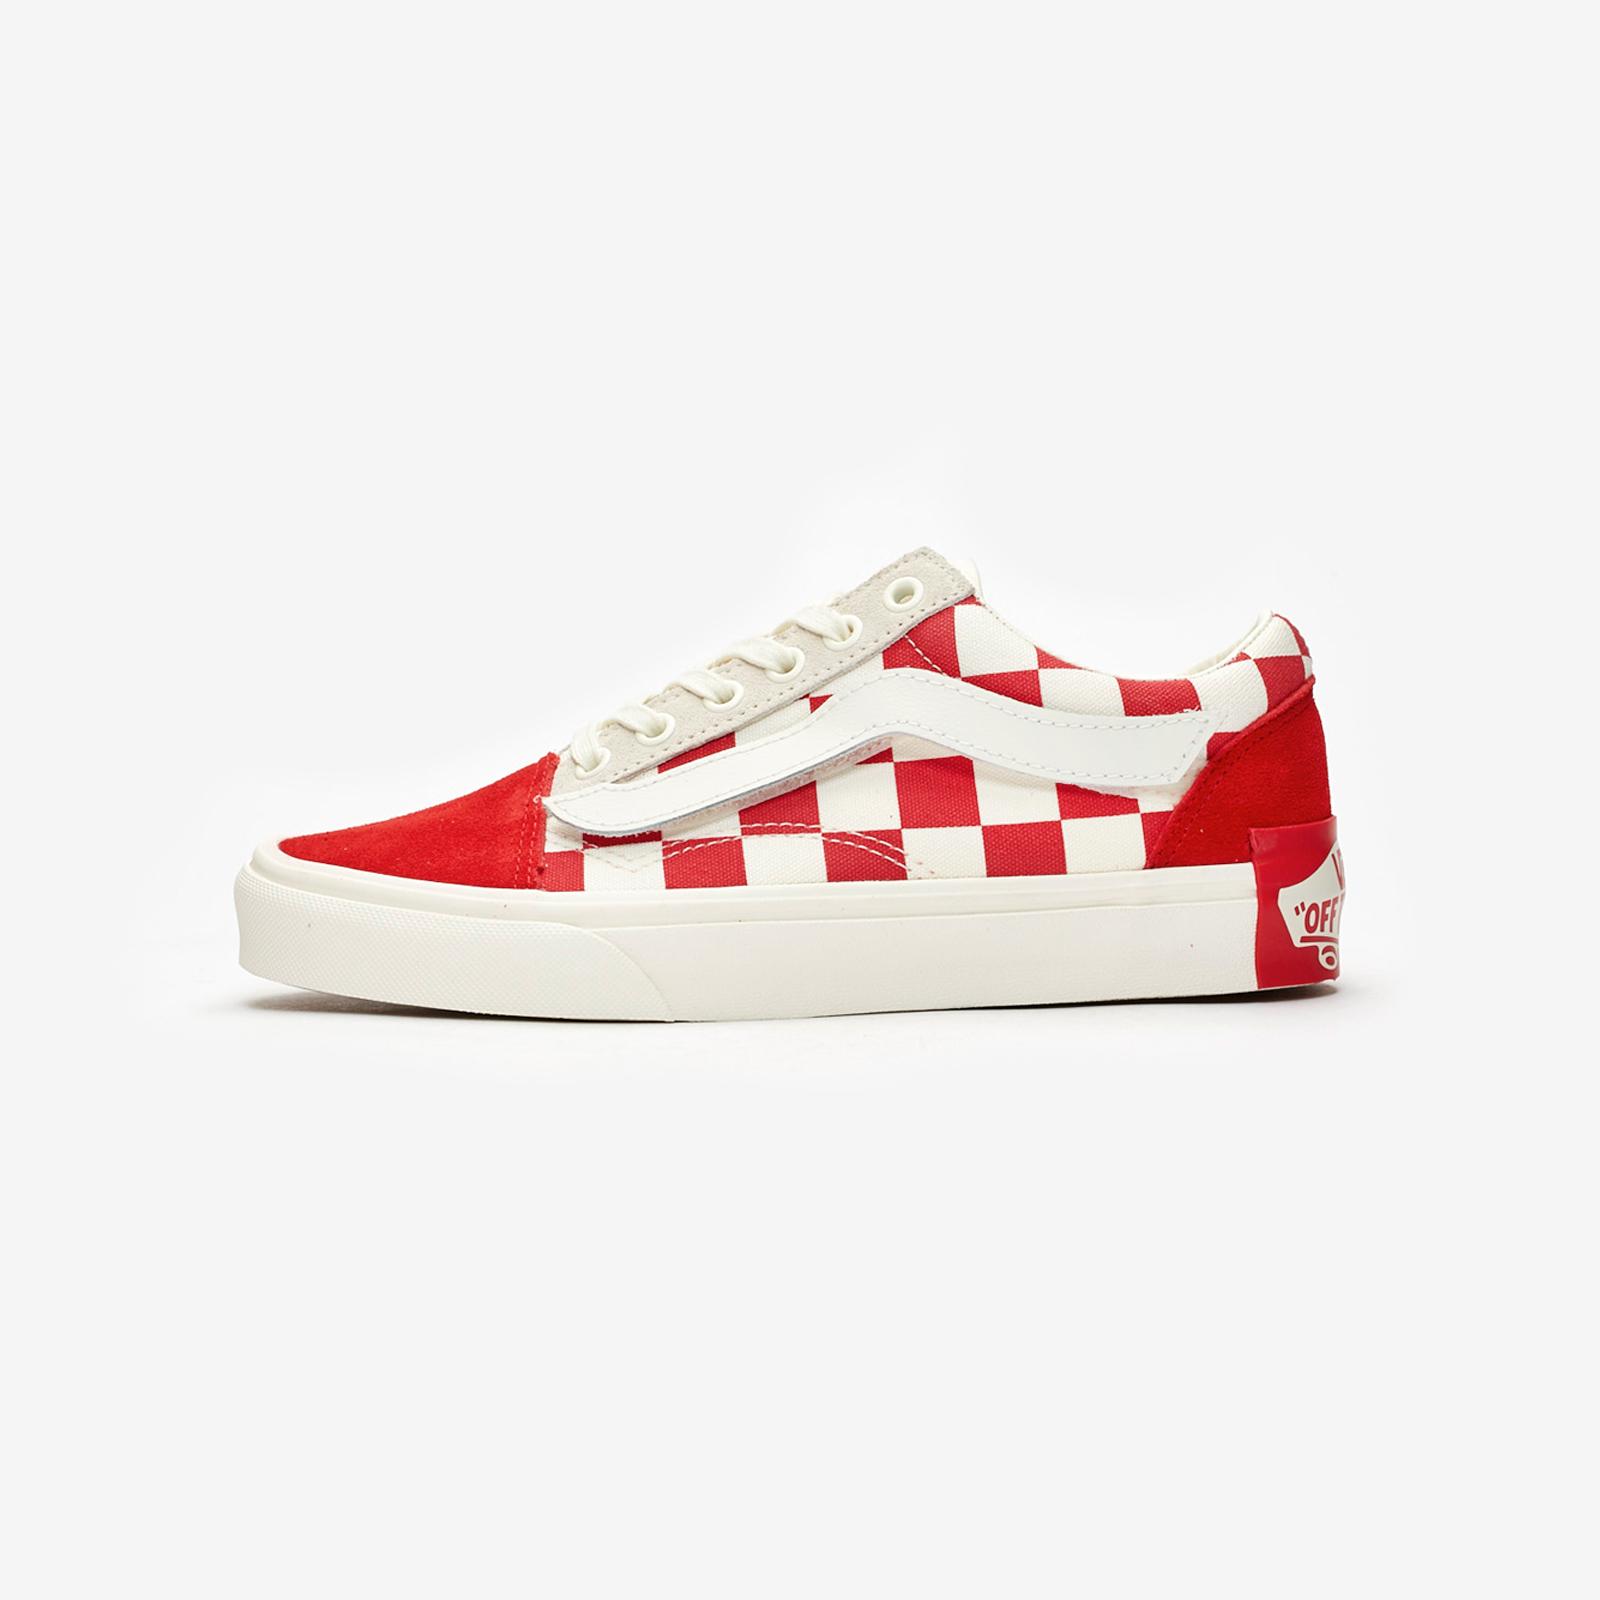 Vans OG Old Skool LX - Vn0a38g1shj - Sneakersnstuff  c2fedbf26